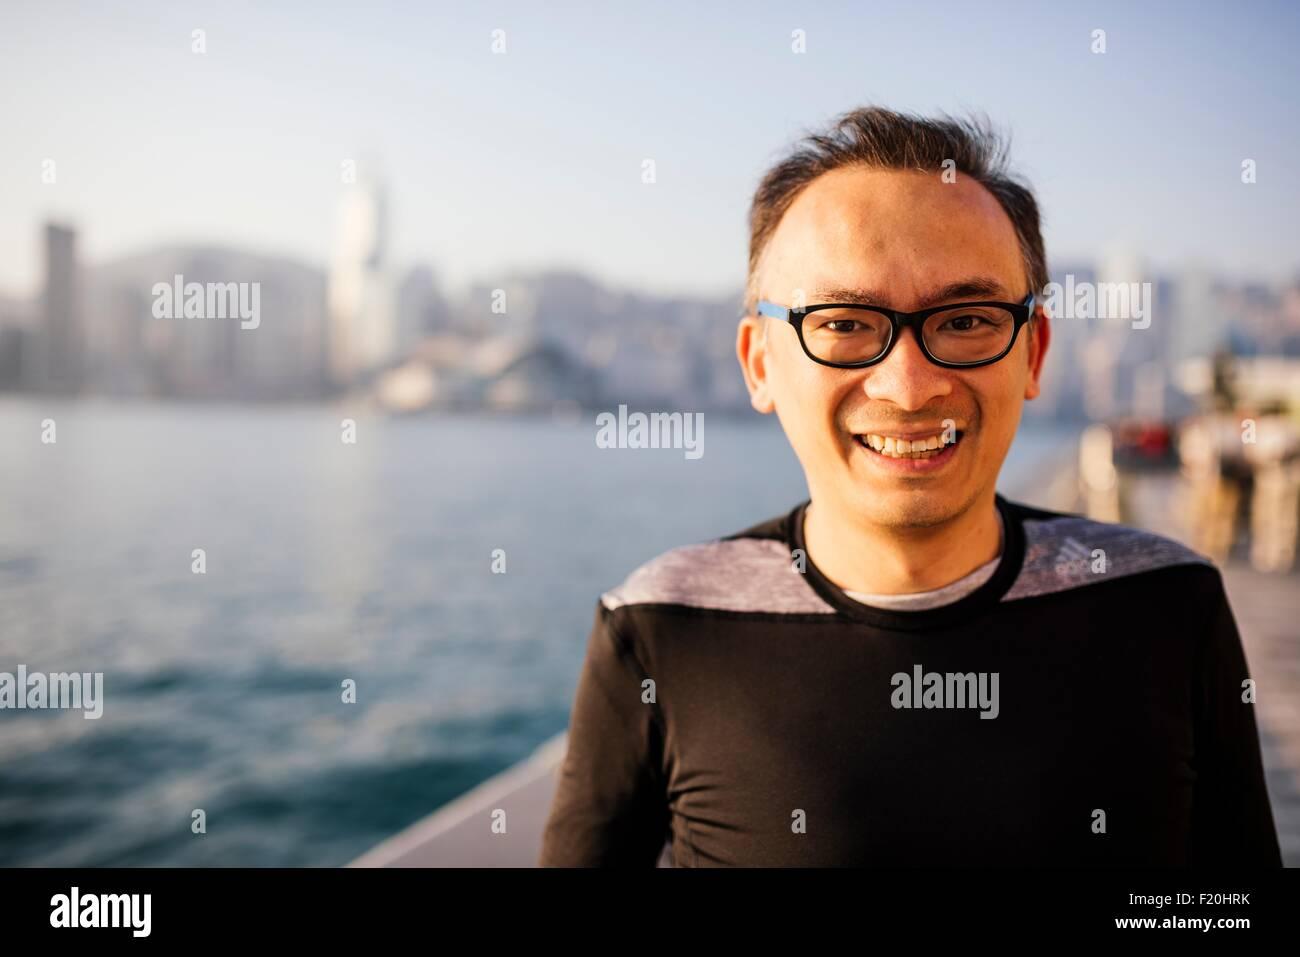 Retrato de mediados del hombre adulto con gafas delante del agua, mirando a la cámara sonriendo Imagen De Stock